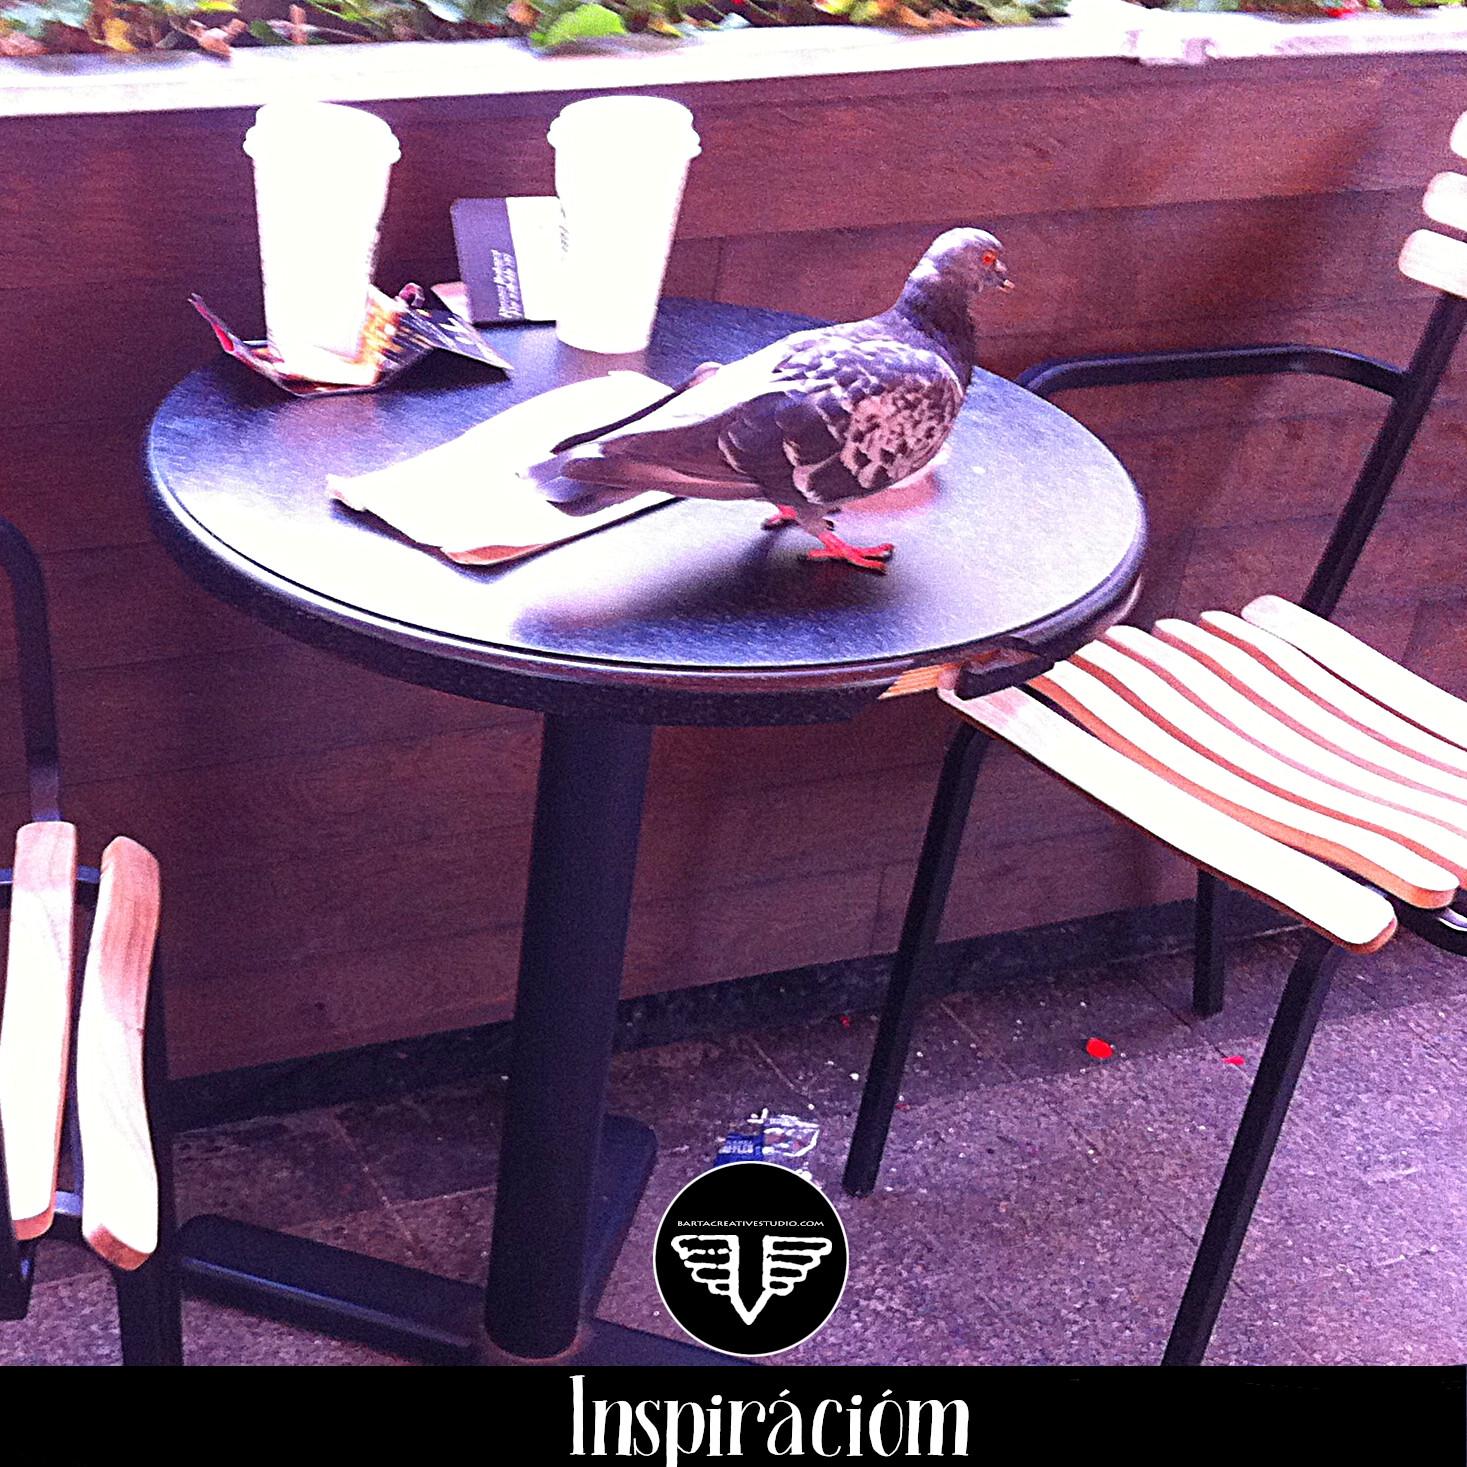 Ez a szemtelen galamb egy belvárosi kávézó teraszán válogatott az ott maradt morzsákból.